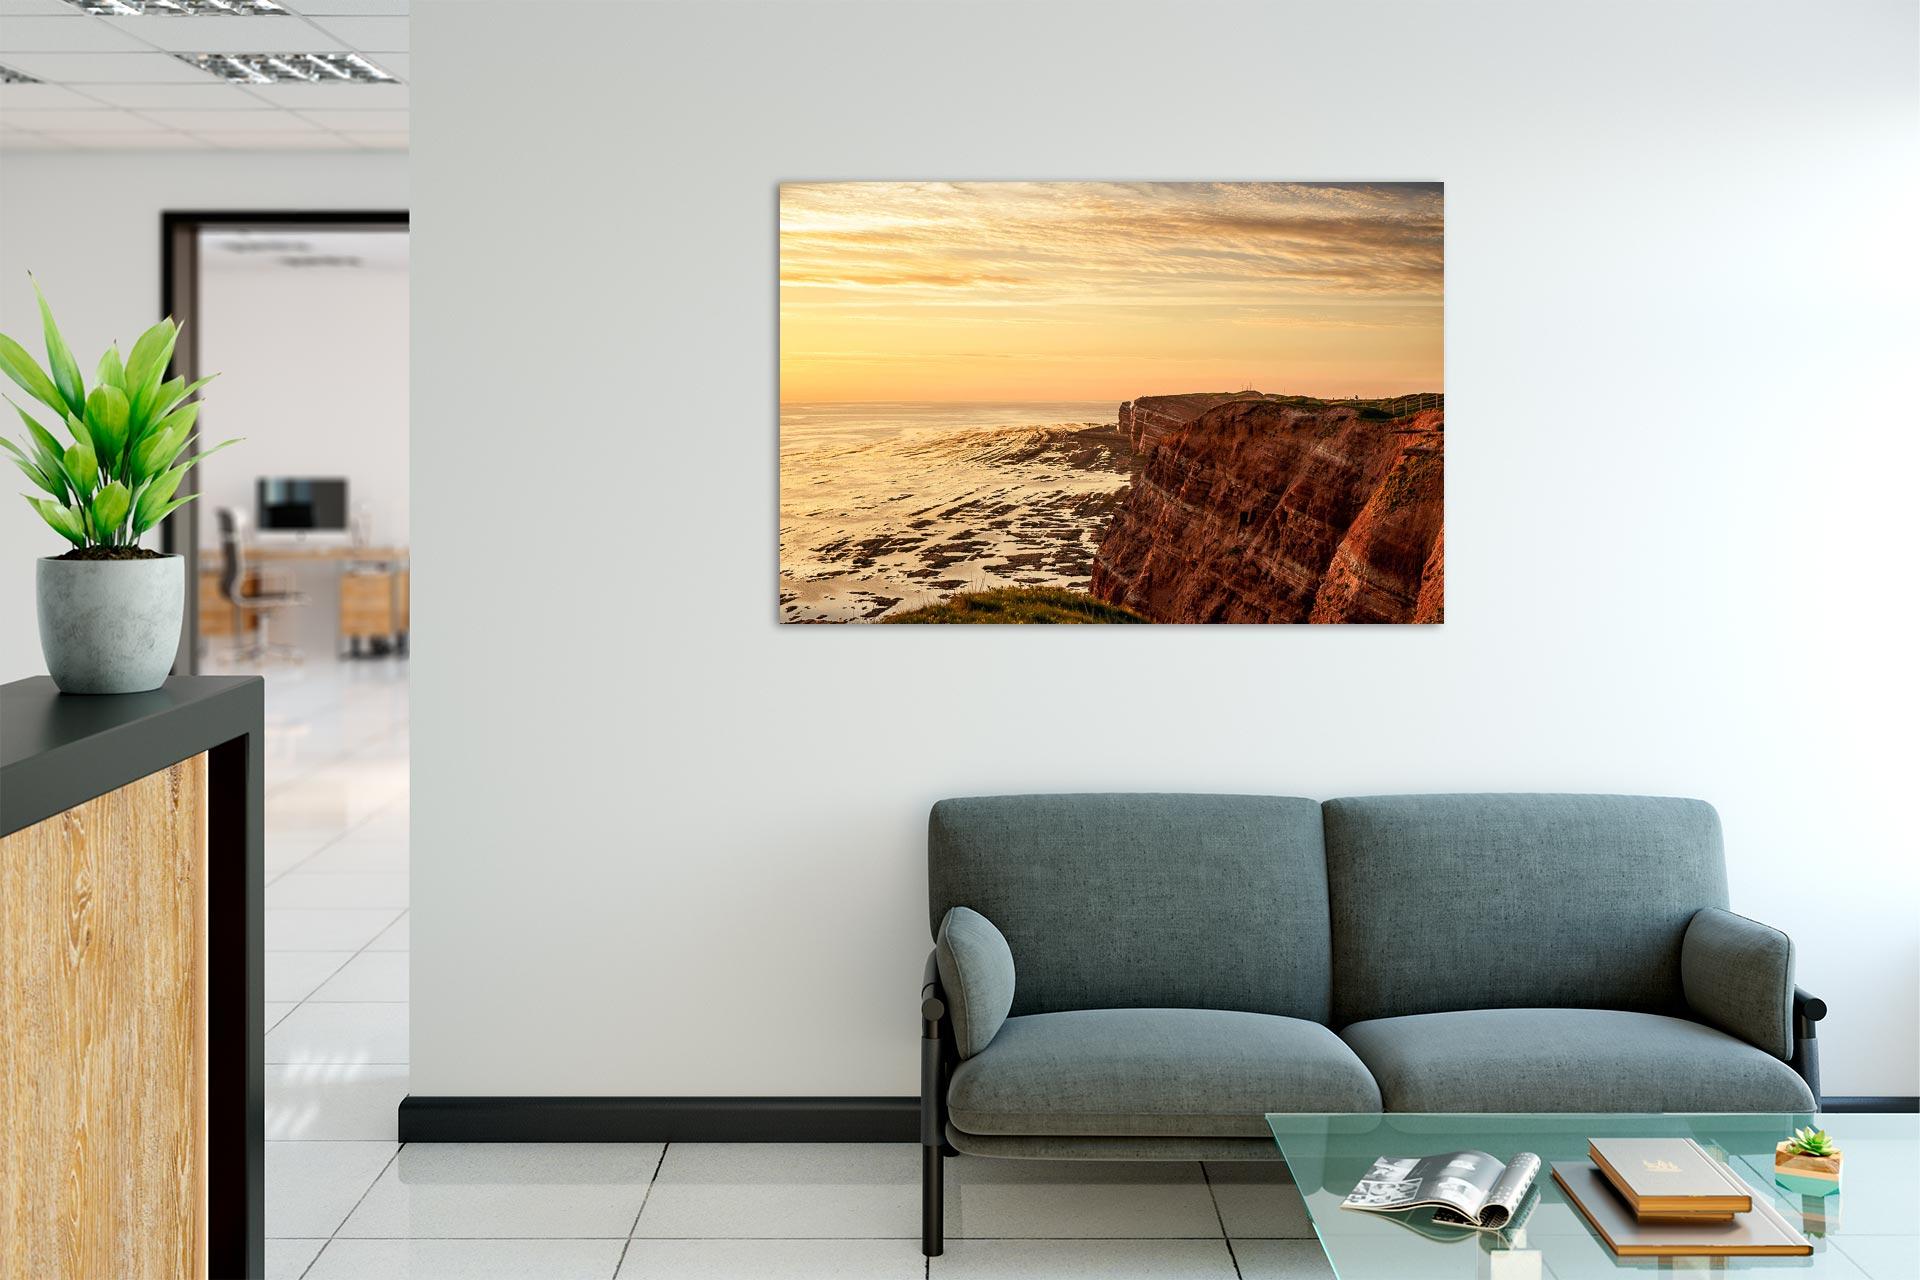 TG471-helgoland-wandbild-bild-auf-leinwand-acrylglas-aludibond-empfang